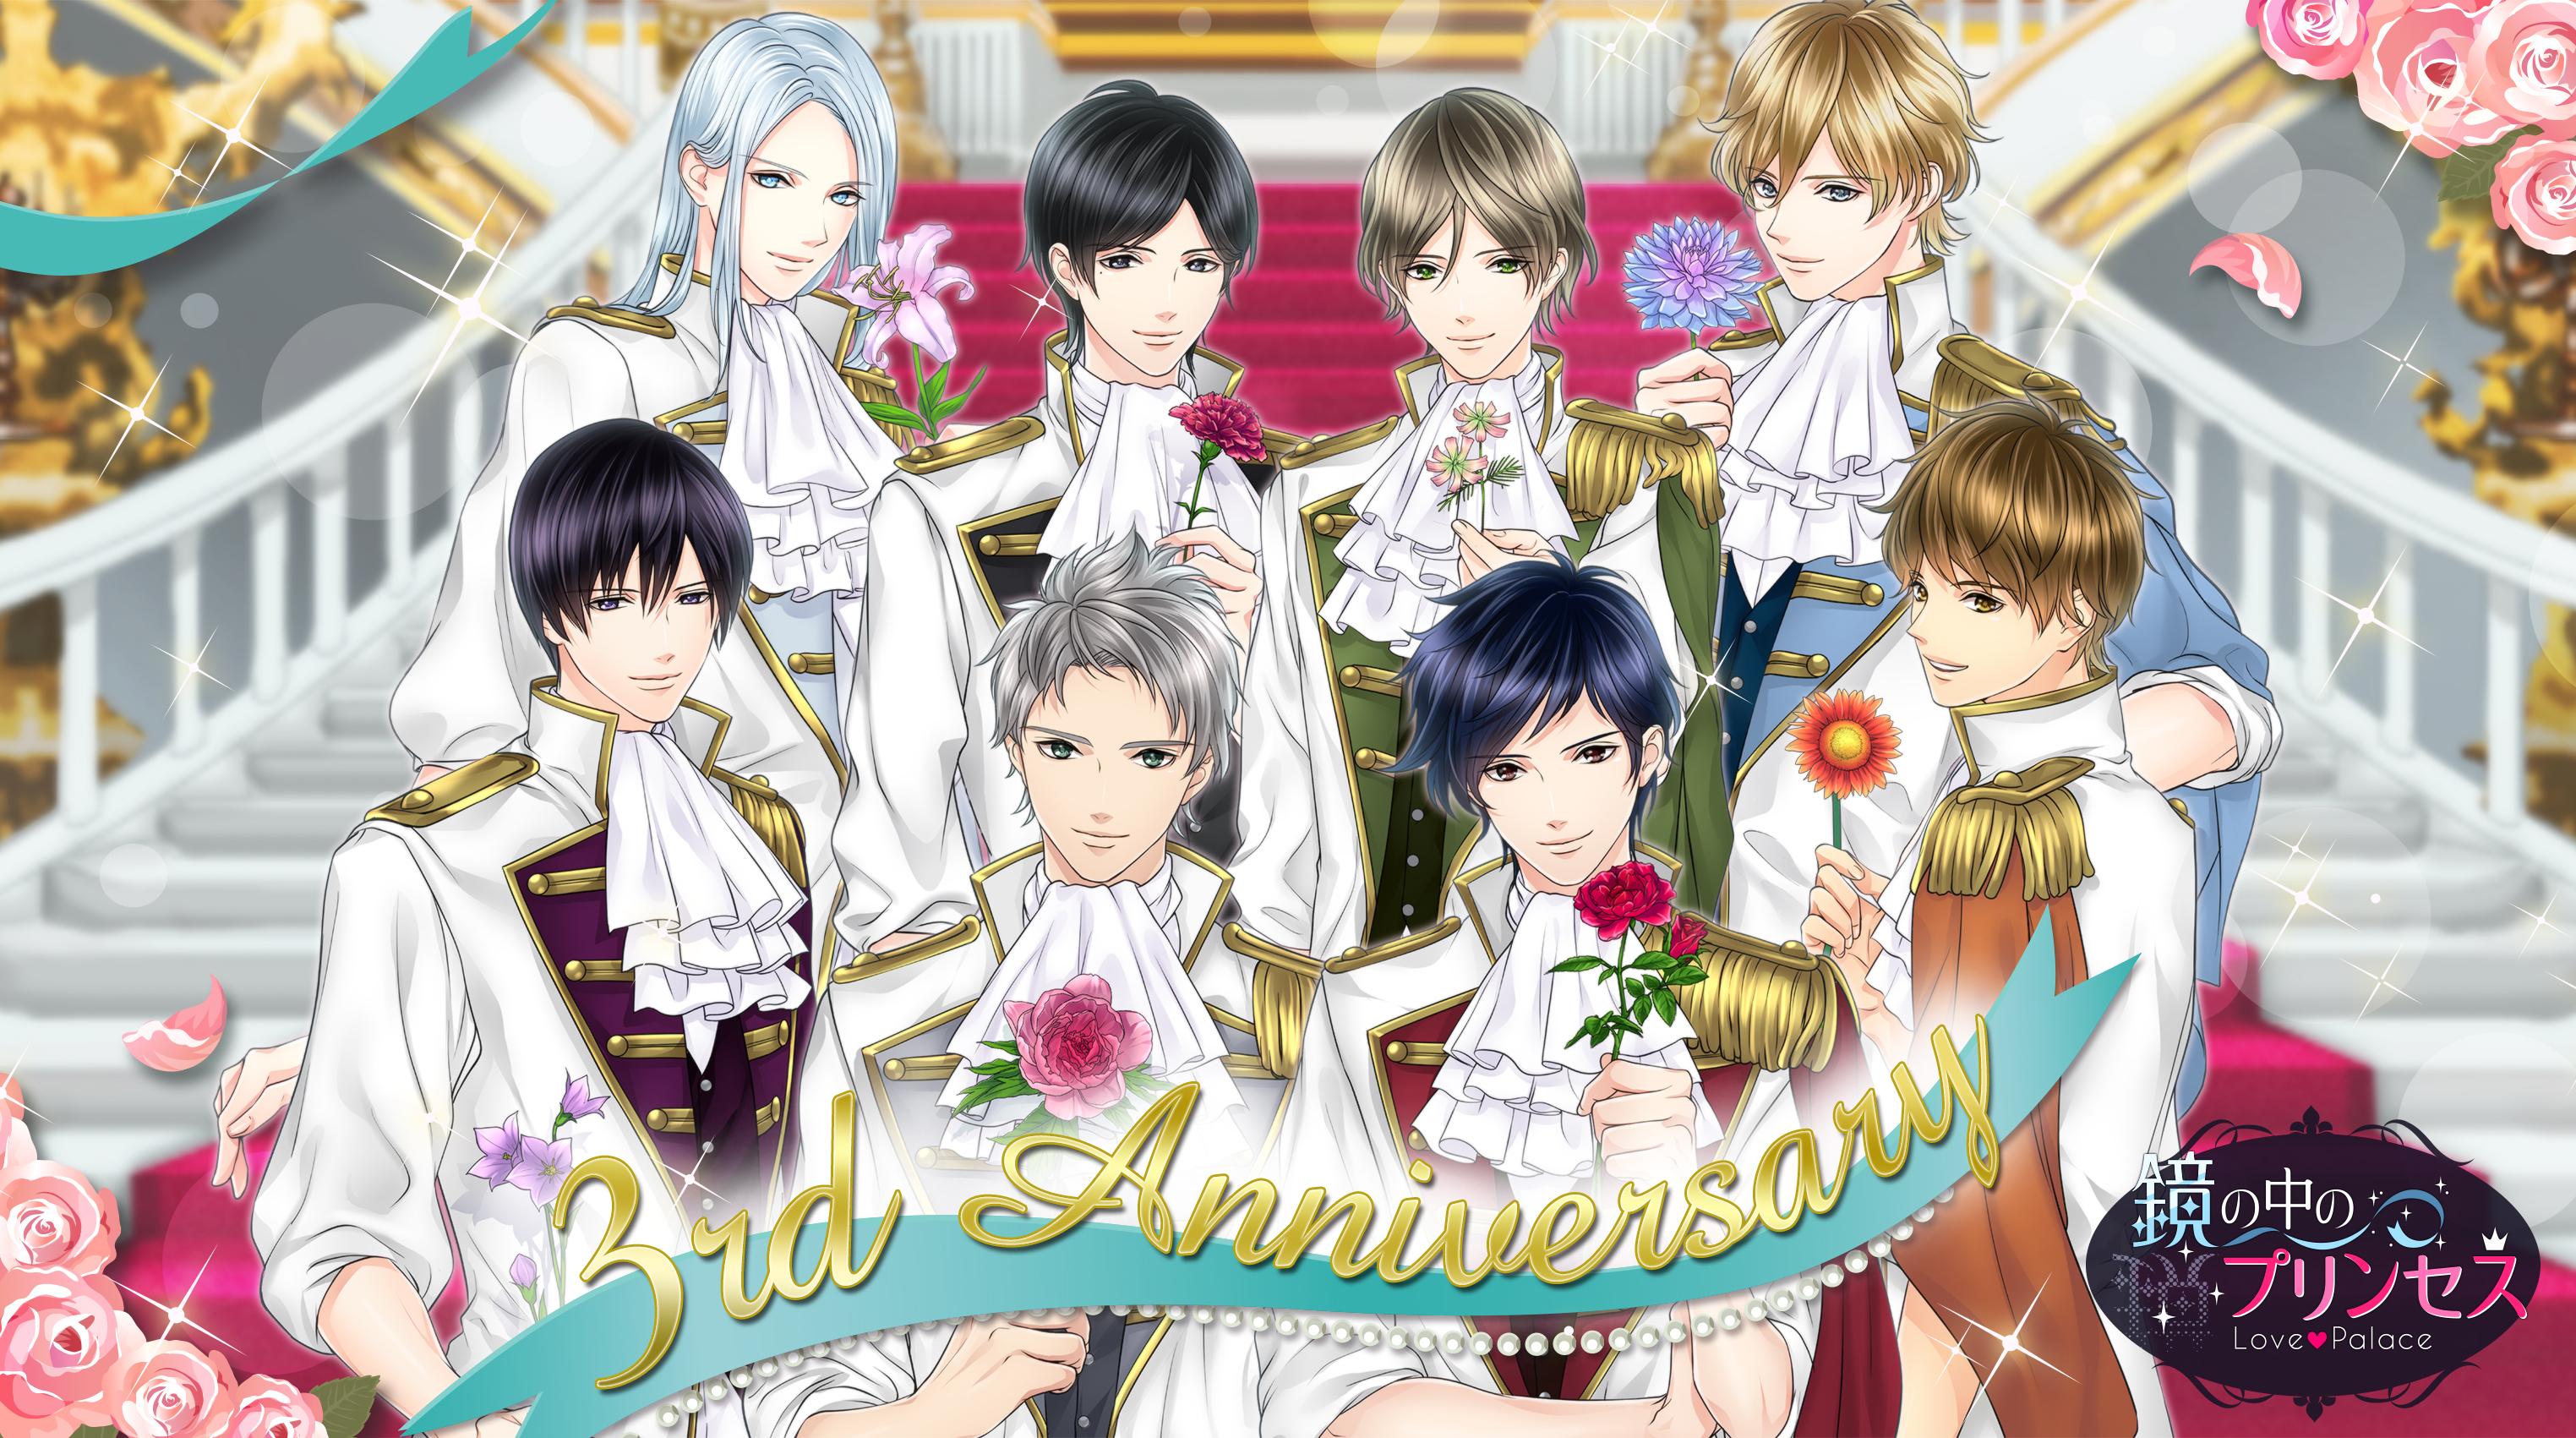 『鏡の中のプリンセス Love Palace』配信3周年アニバーサリー企画決定!